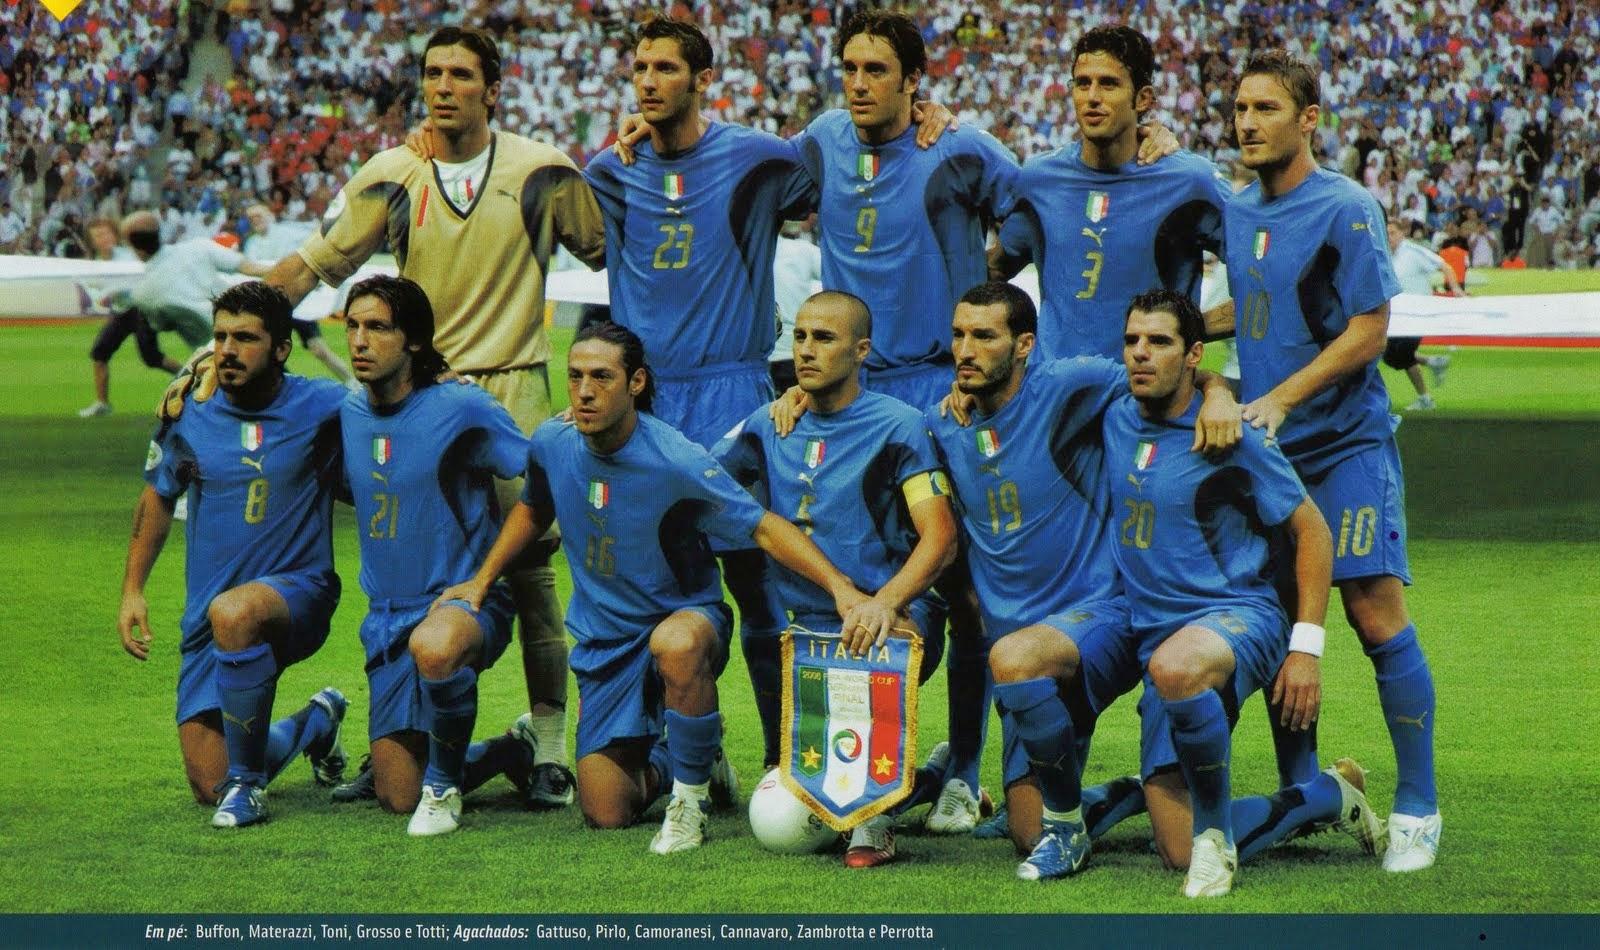 Seleção Itália tetracampeã copa do mundo 2006